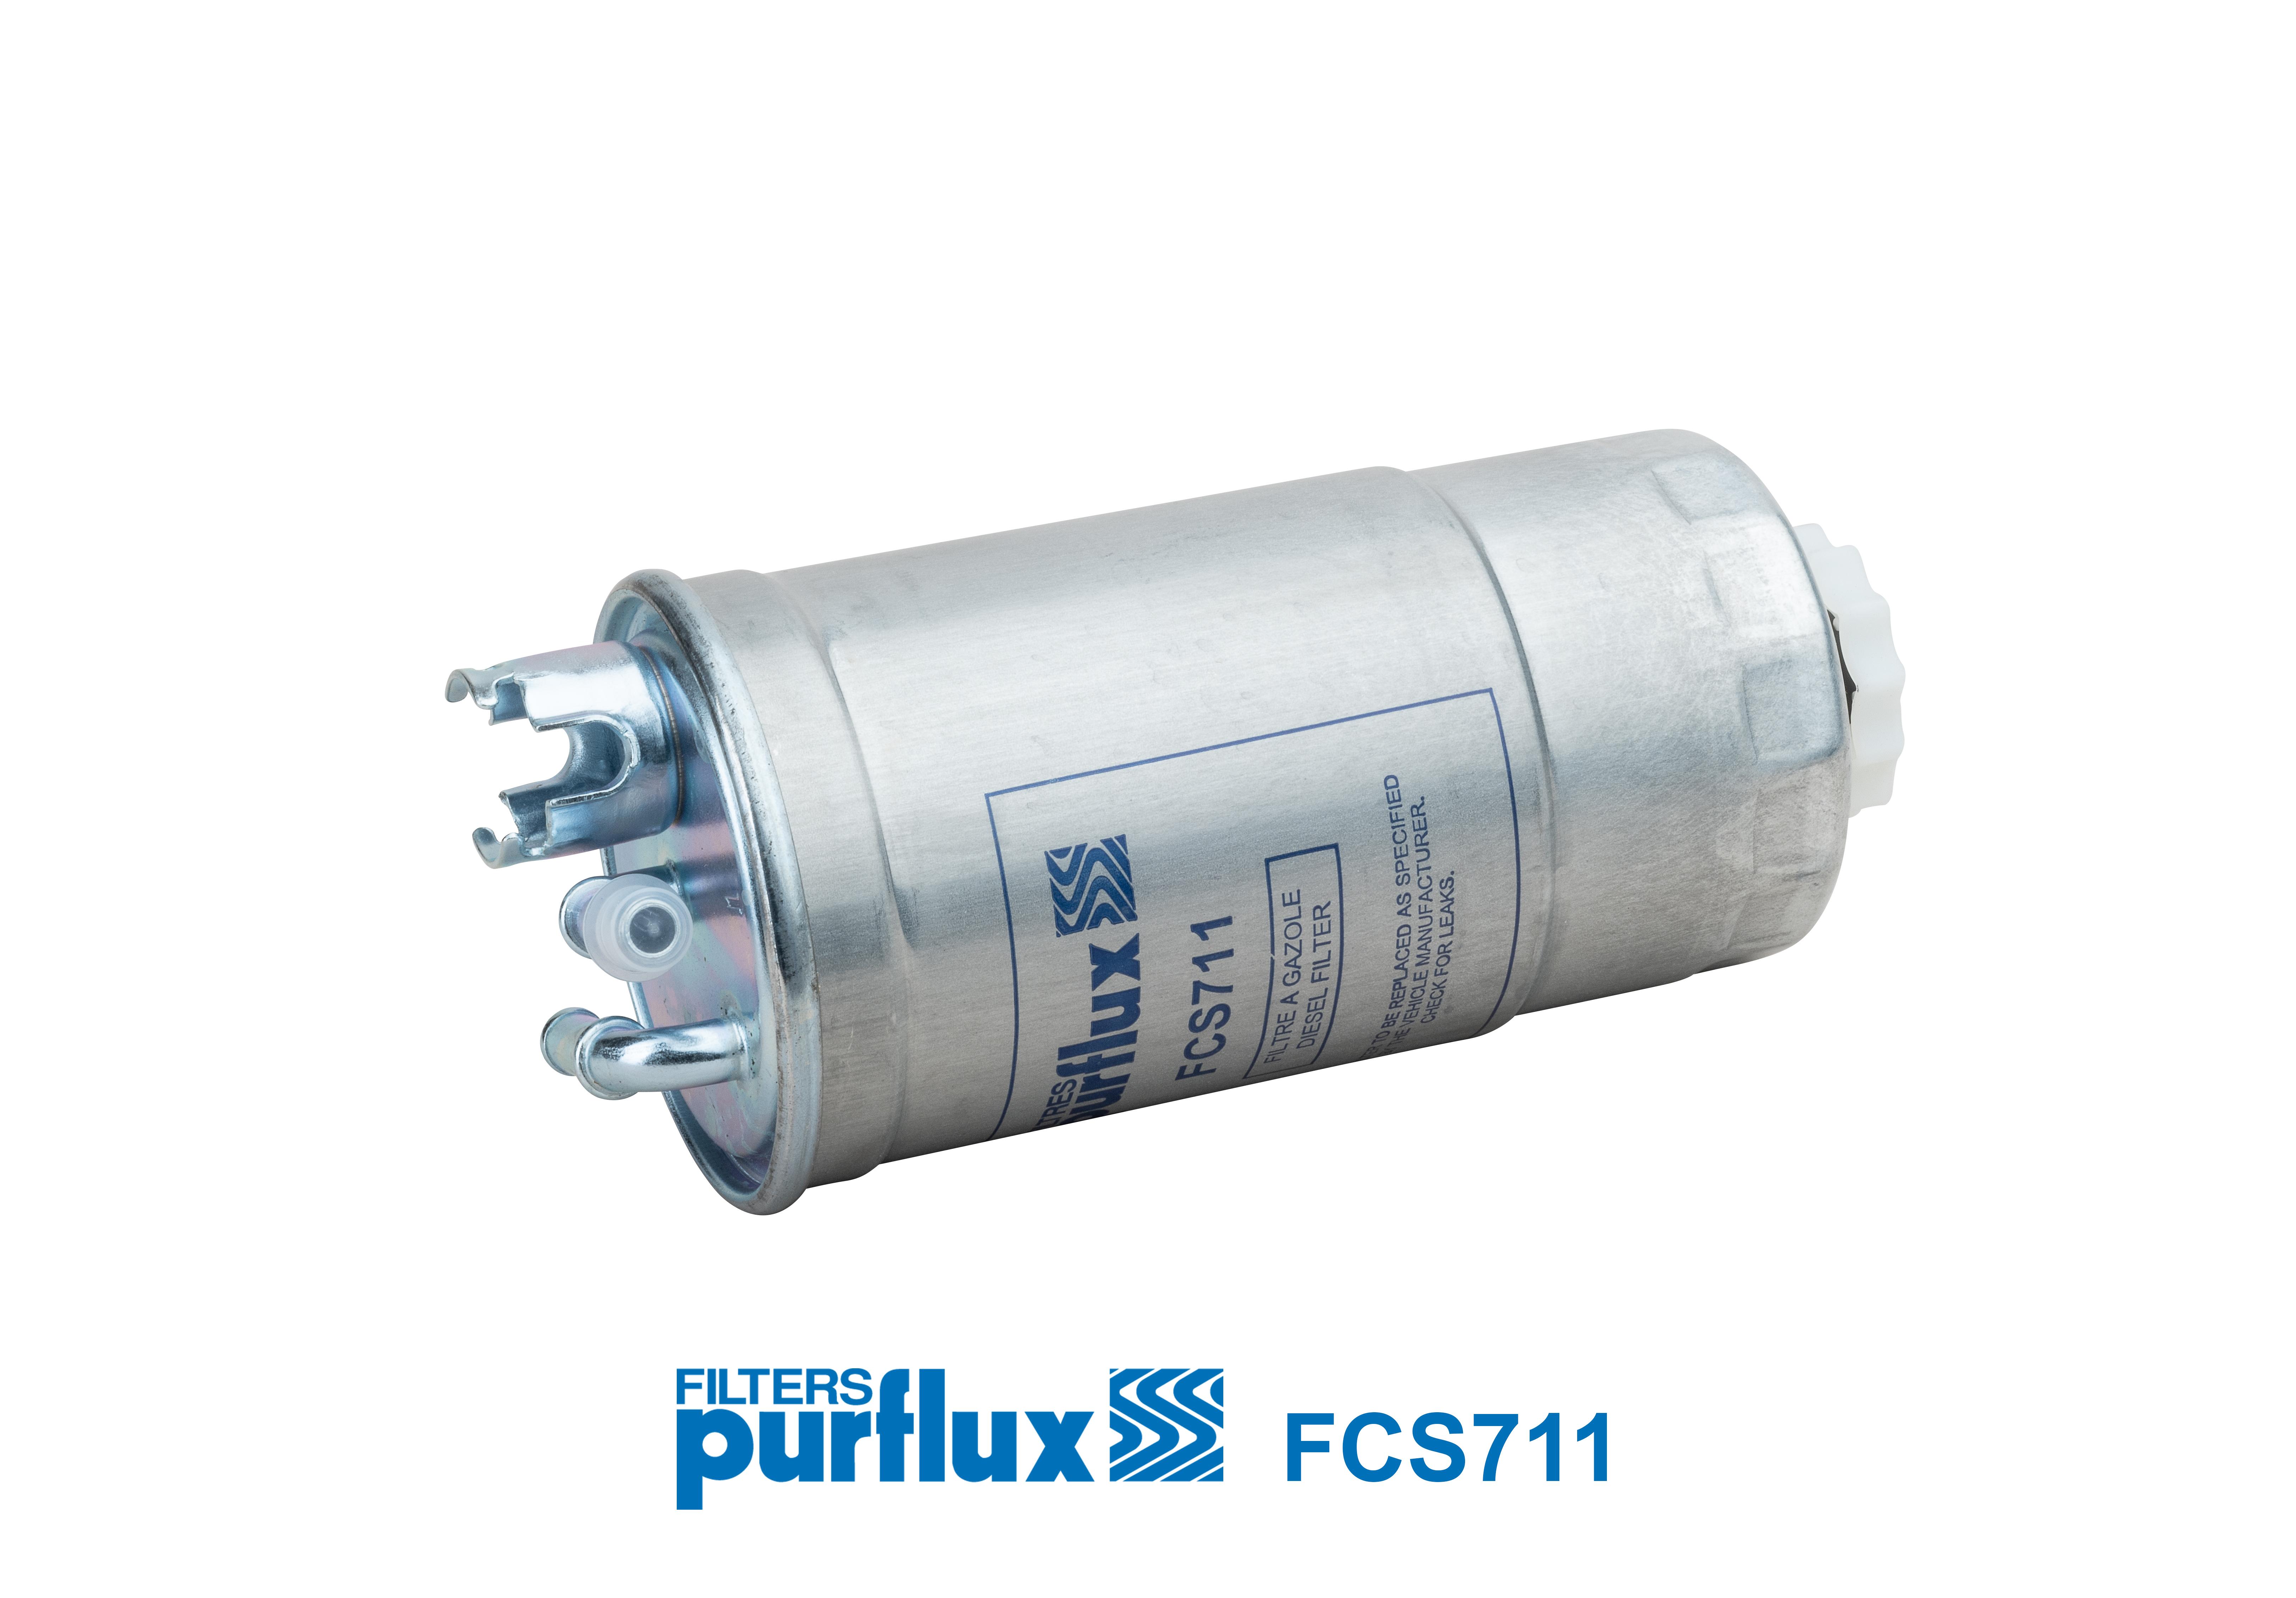 Purflux CS486 filtre diesel